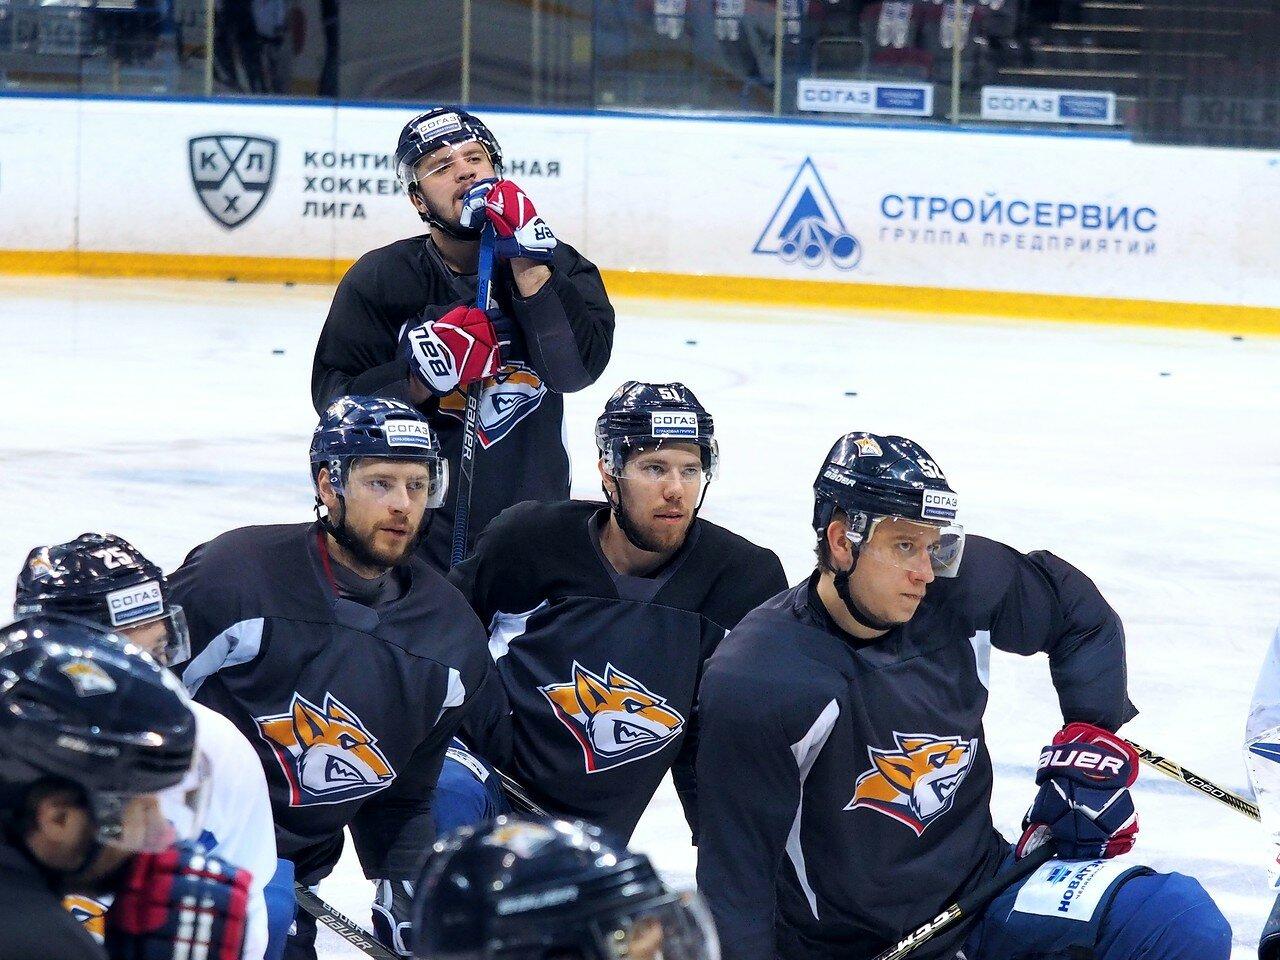 13 Открытая тренировка перед финалом плей-офф КХЛ 2017 06.04.2017